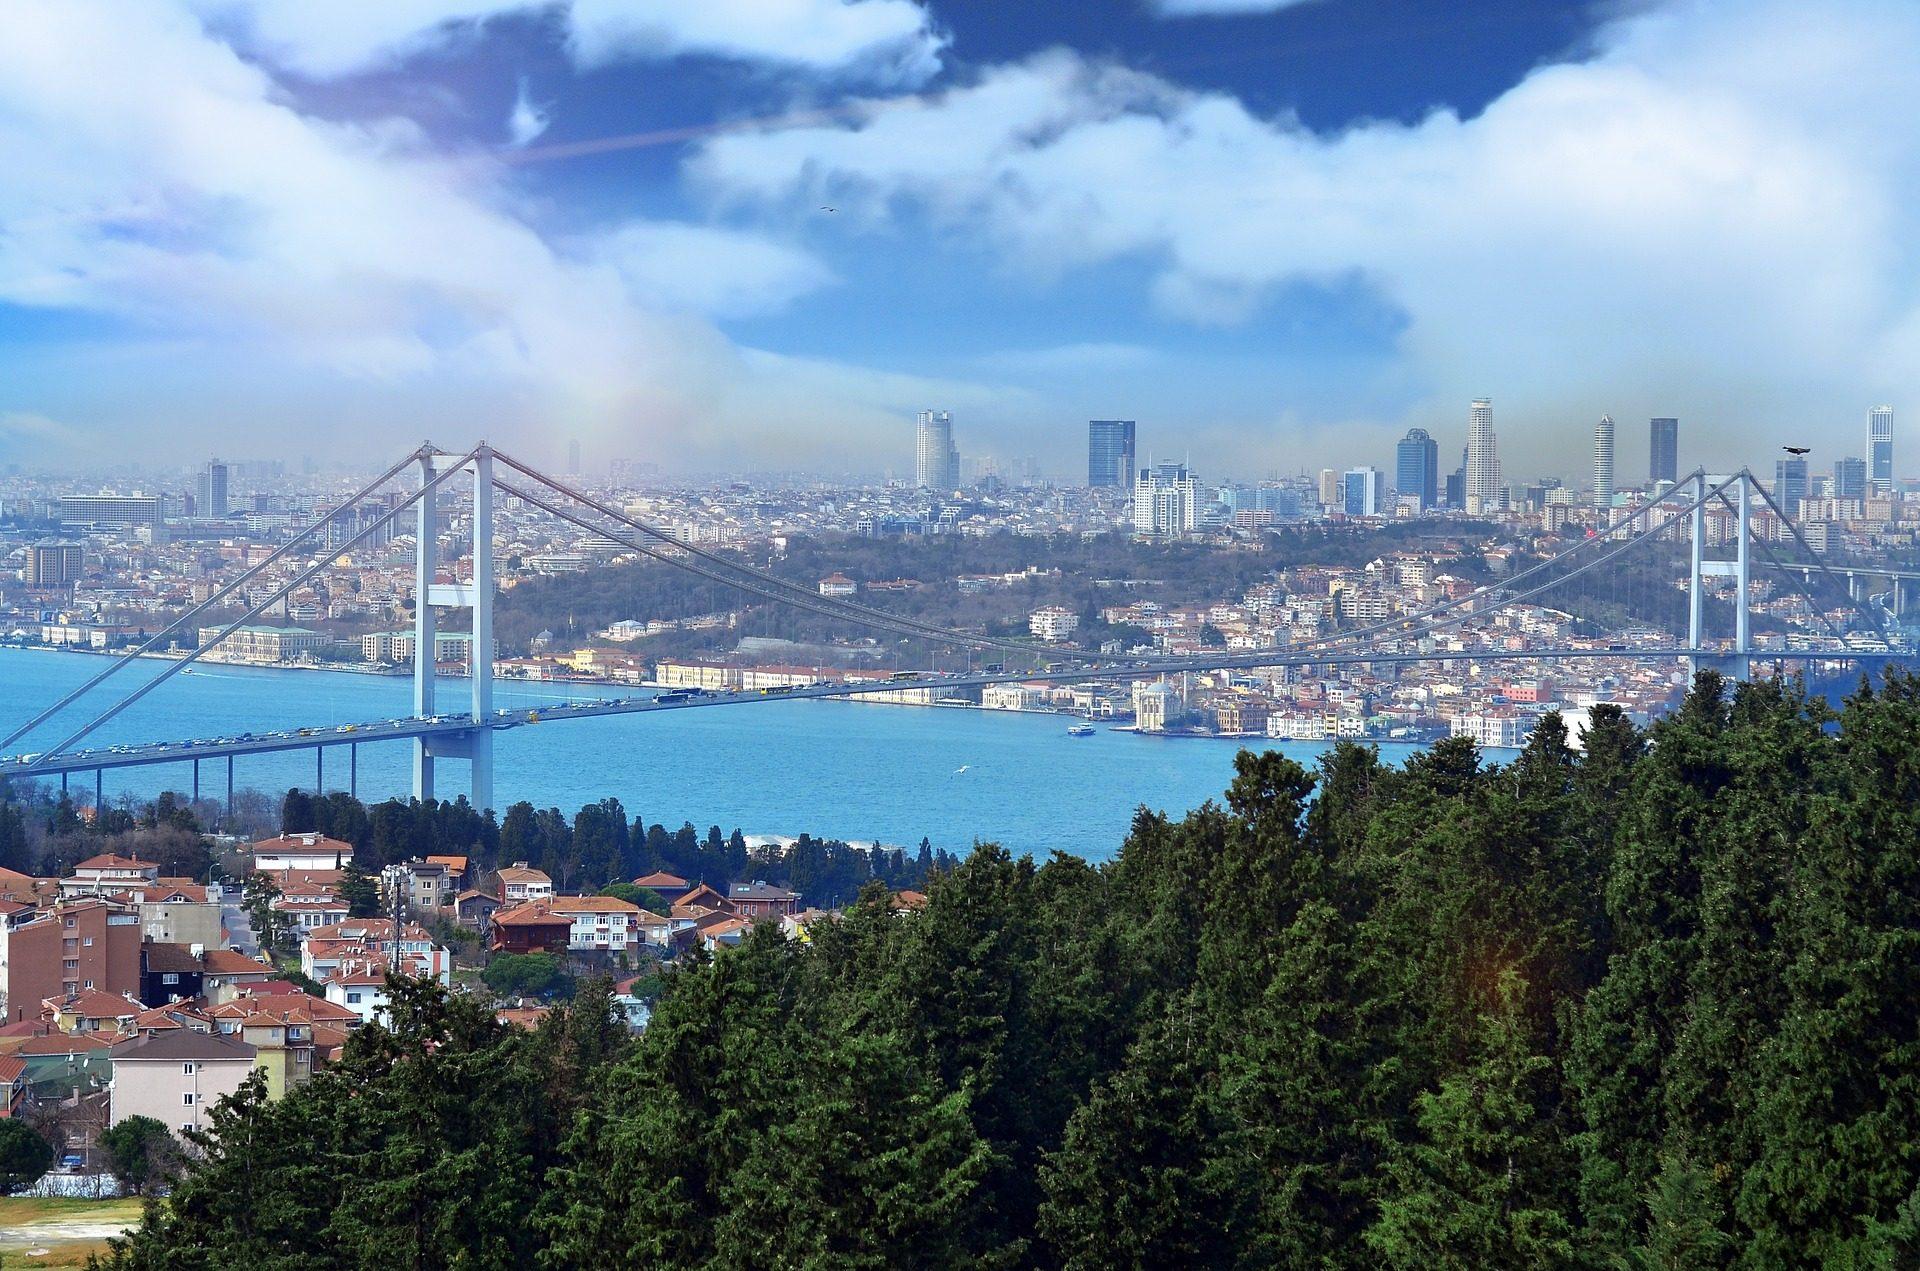 Städtereise nach Istanbul 4 Nächte ab 174,11€ - Pauschalreise Bosporus